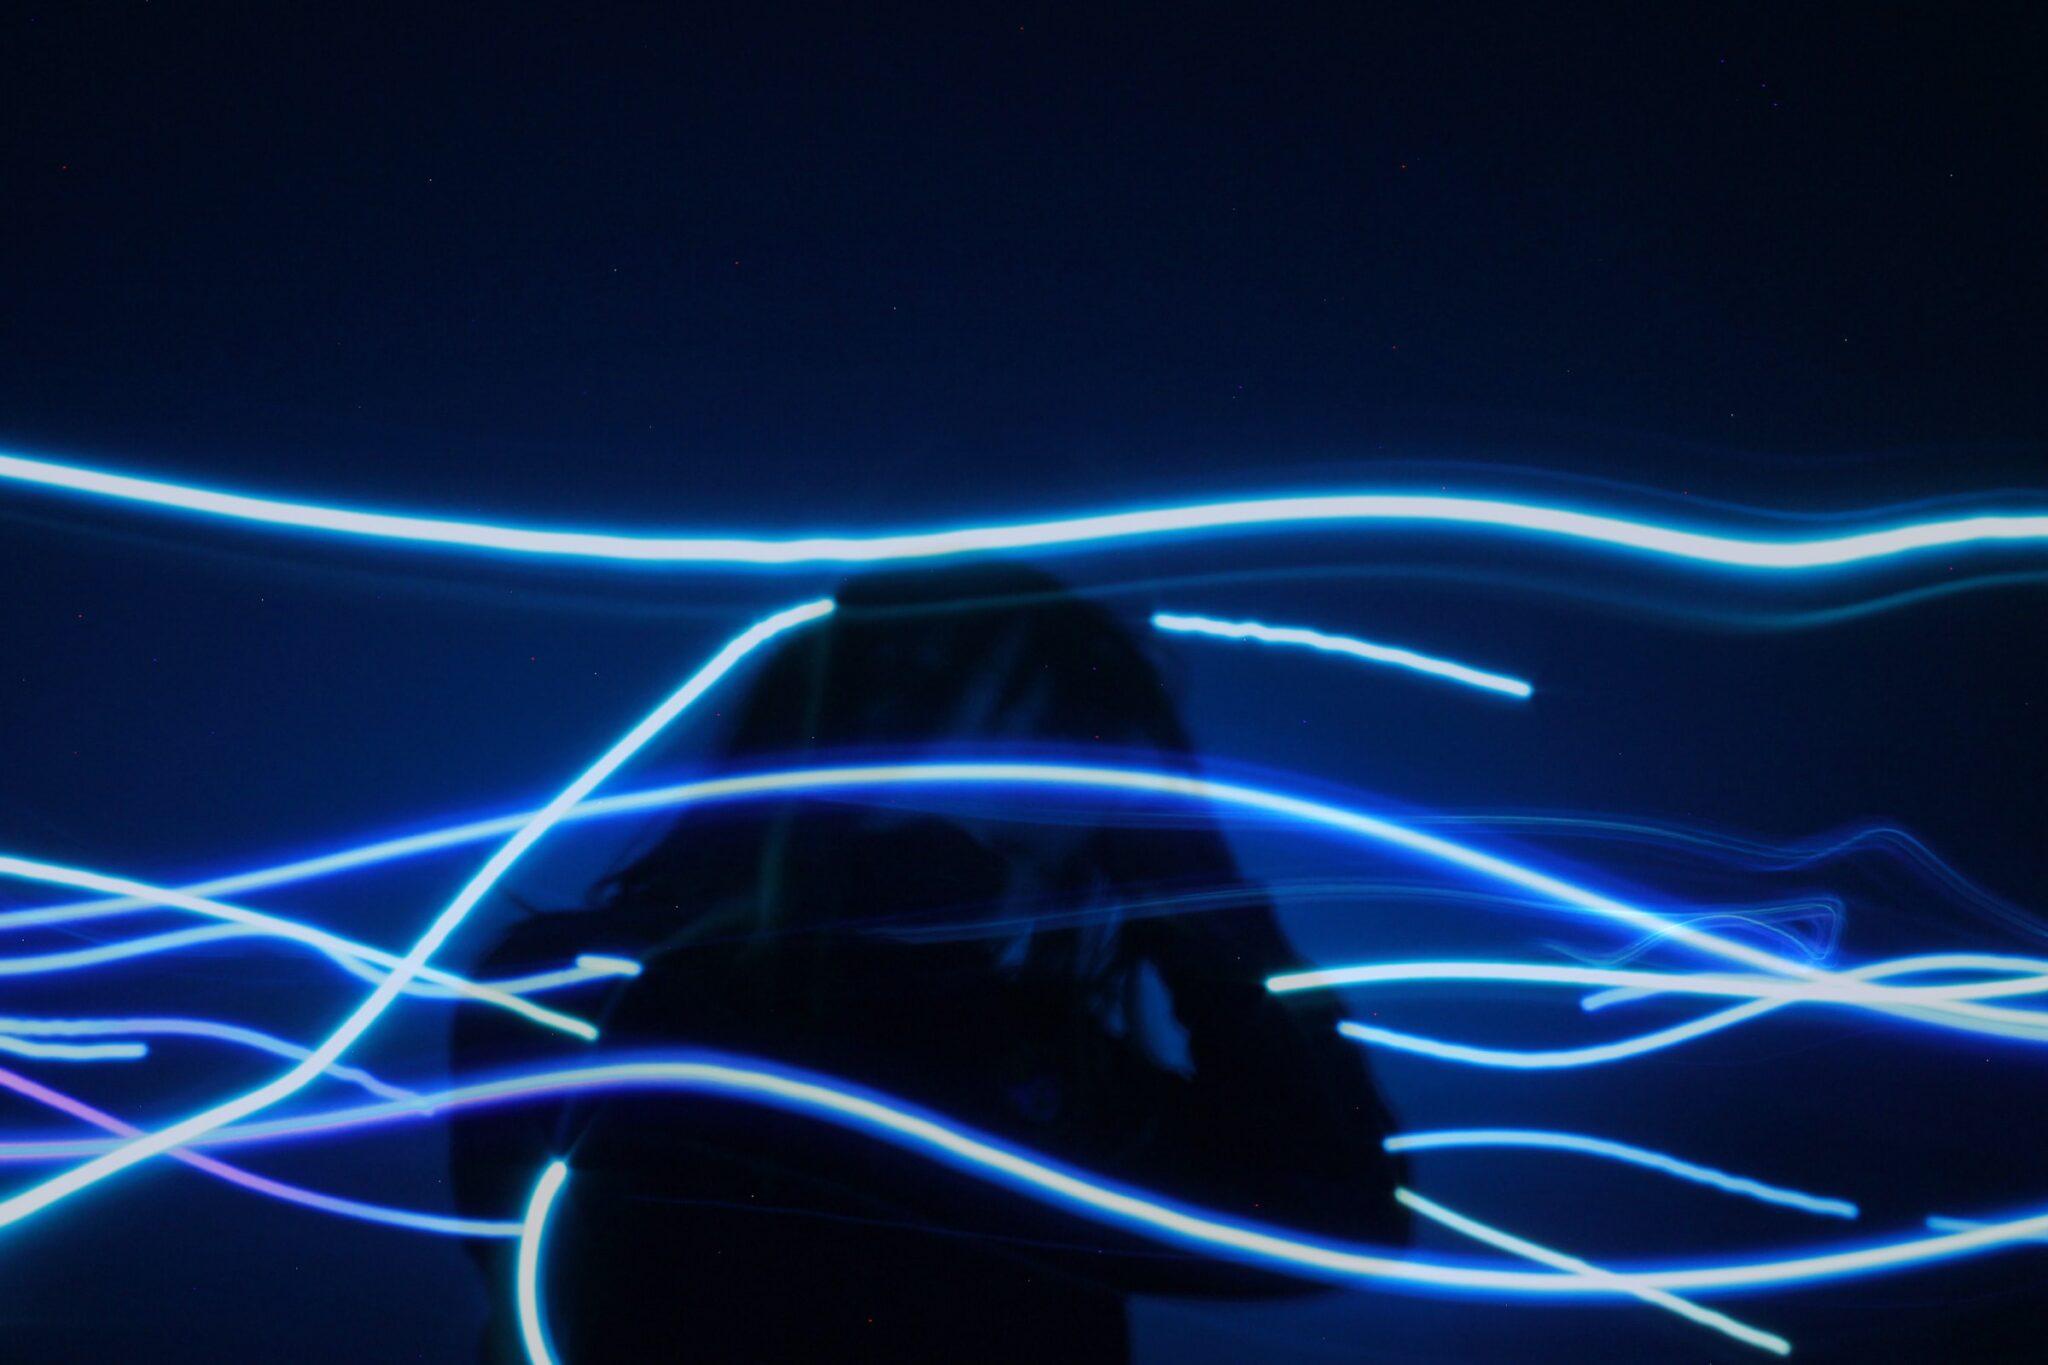 Schattenriss eines Menschen mit blauen Lichtstreifen um ihn herum.